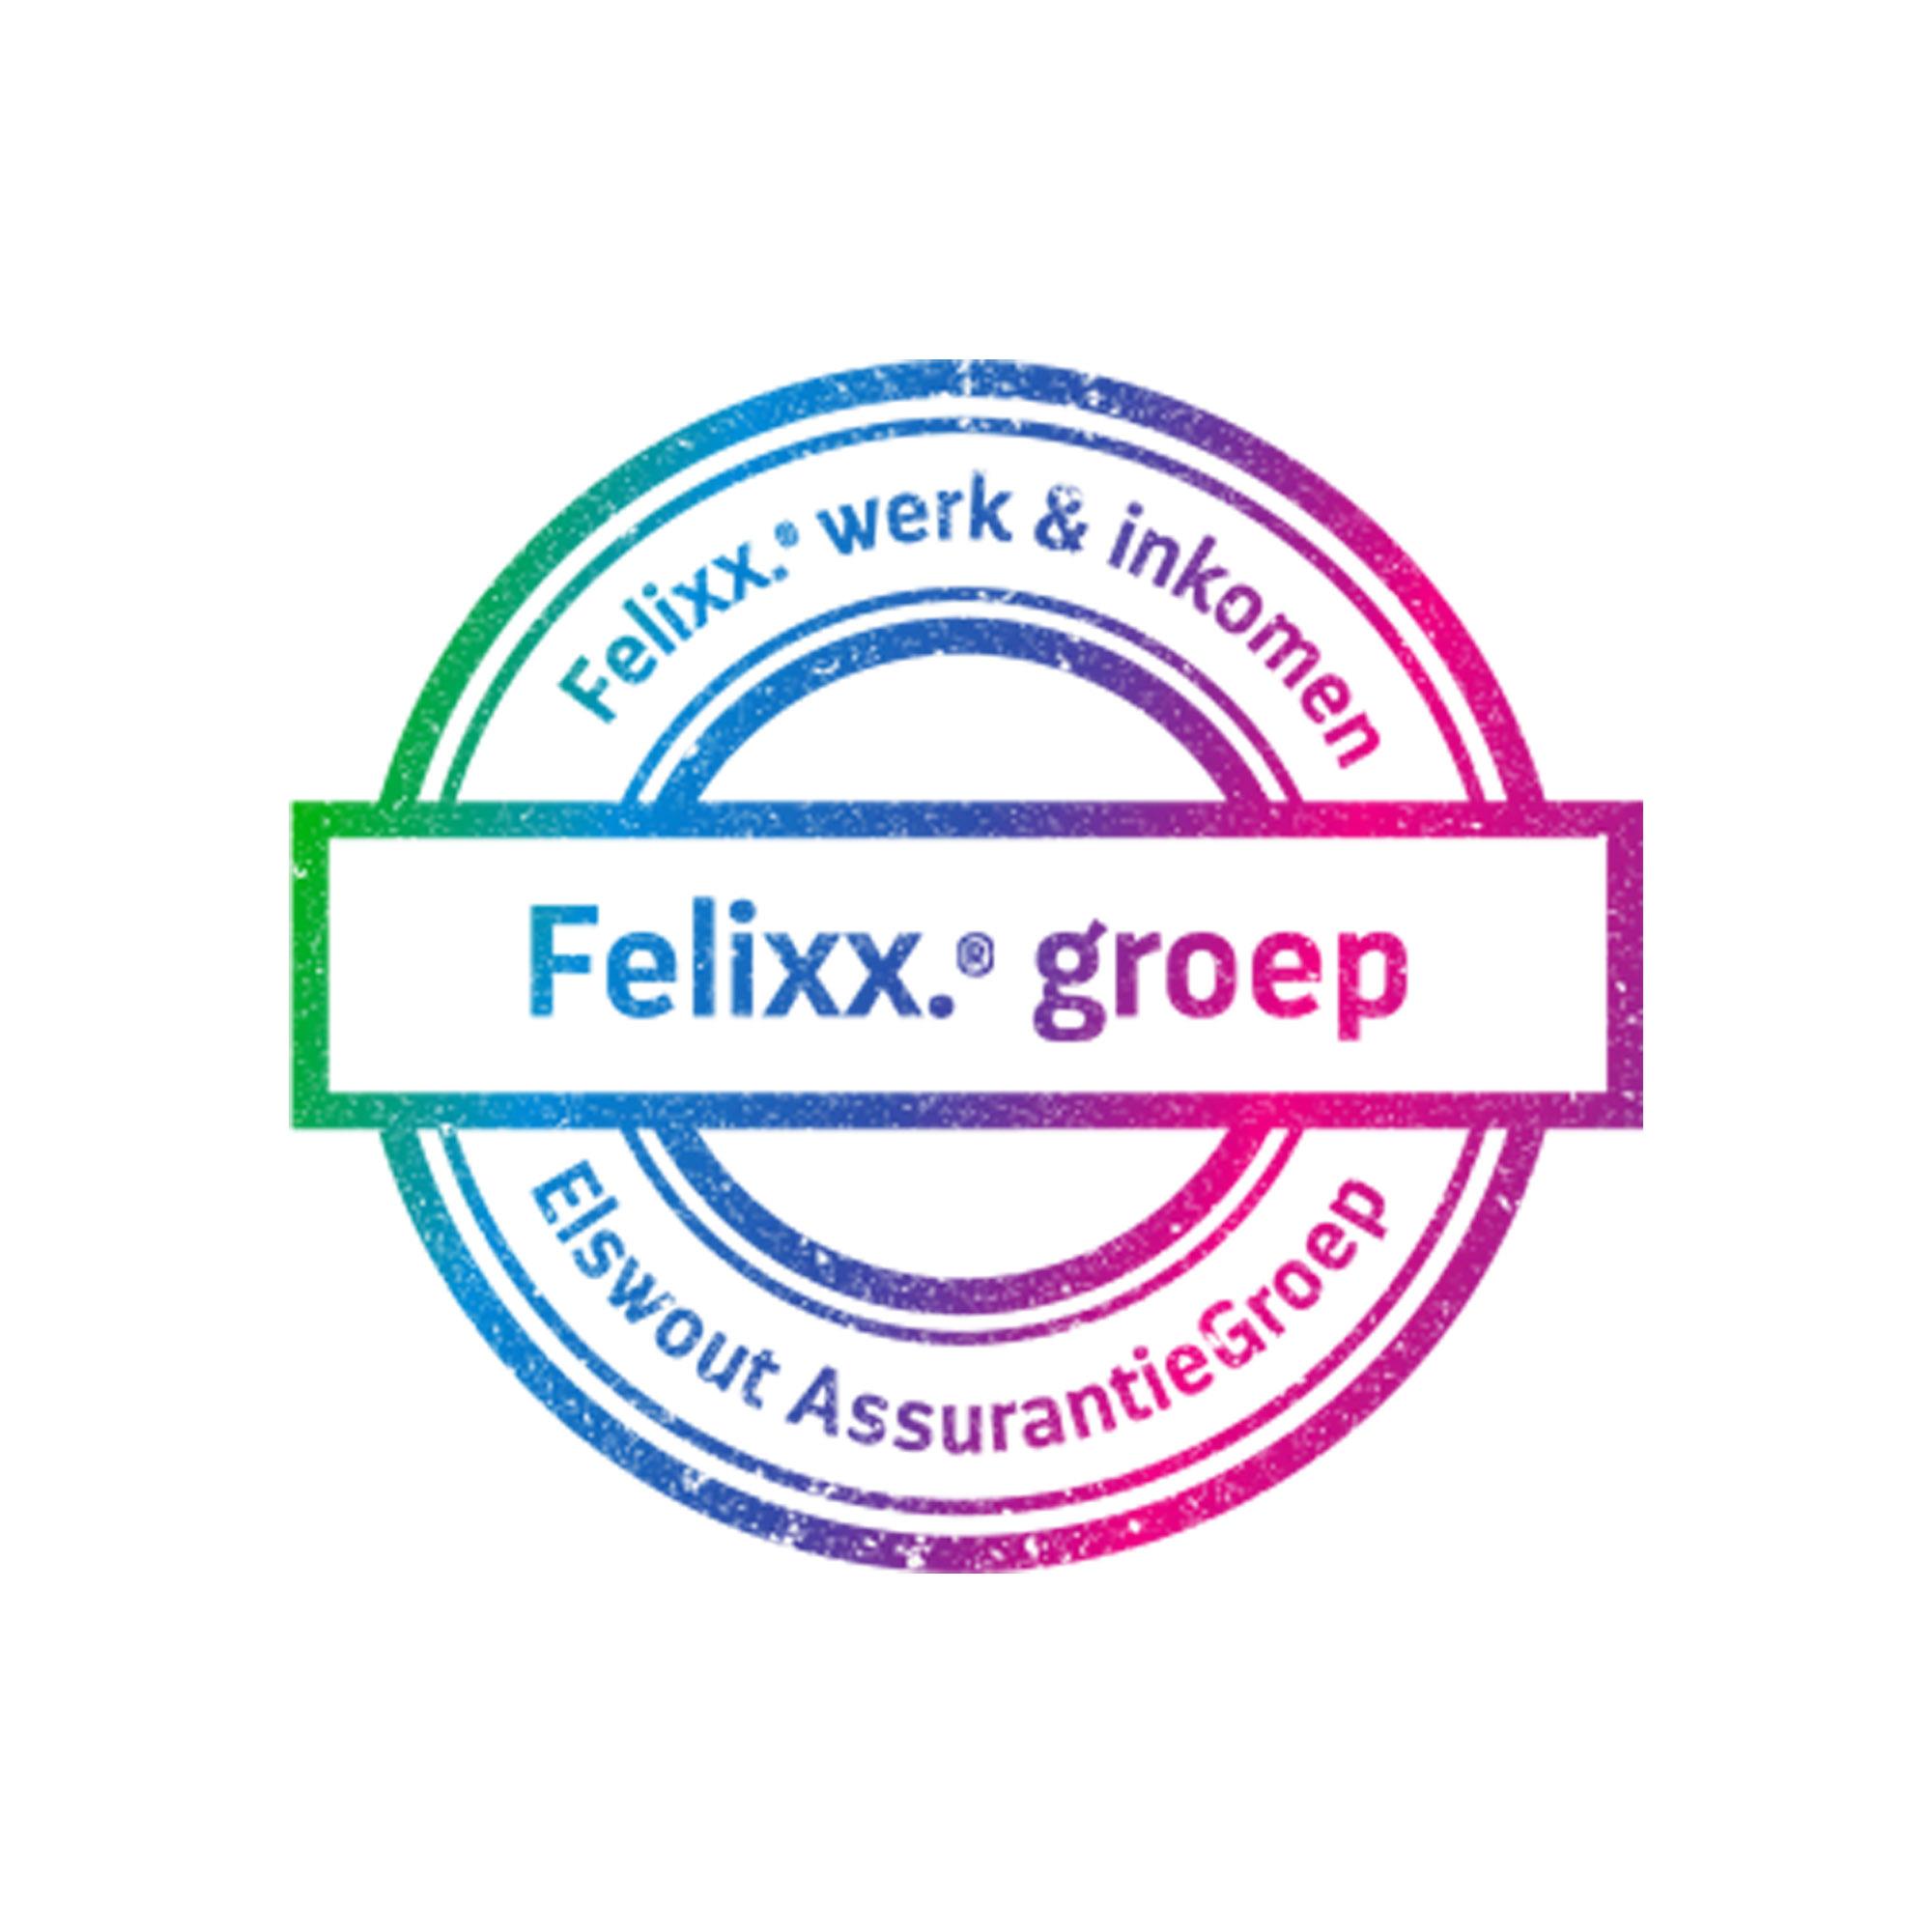 Felixx-groep-portfolio